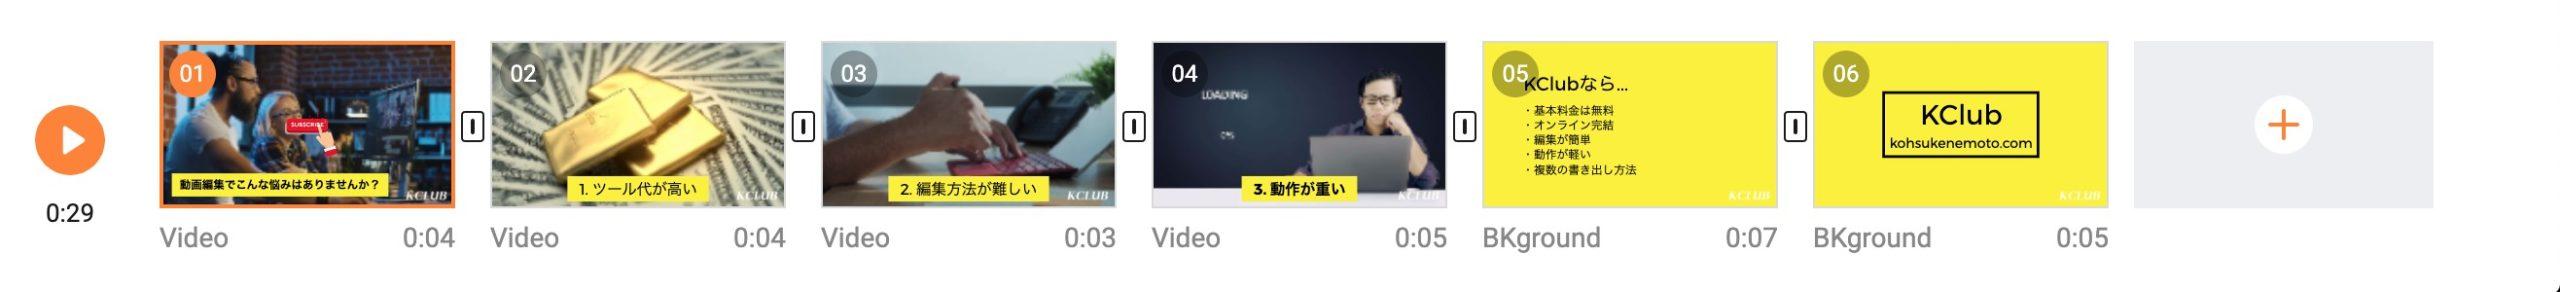 FlexClipの動画の仕組み scaled